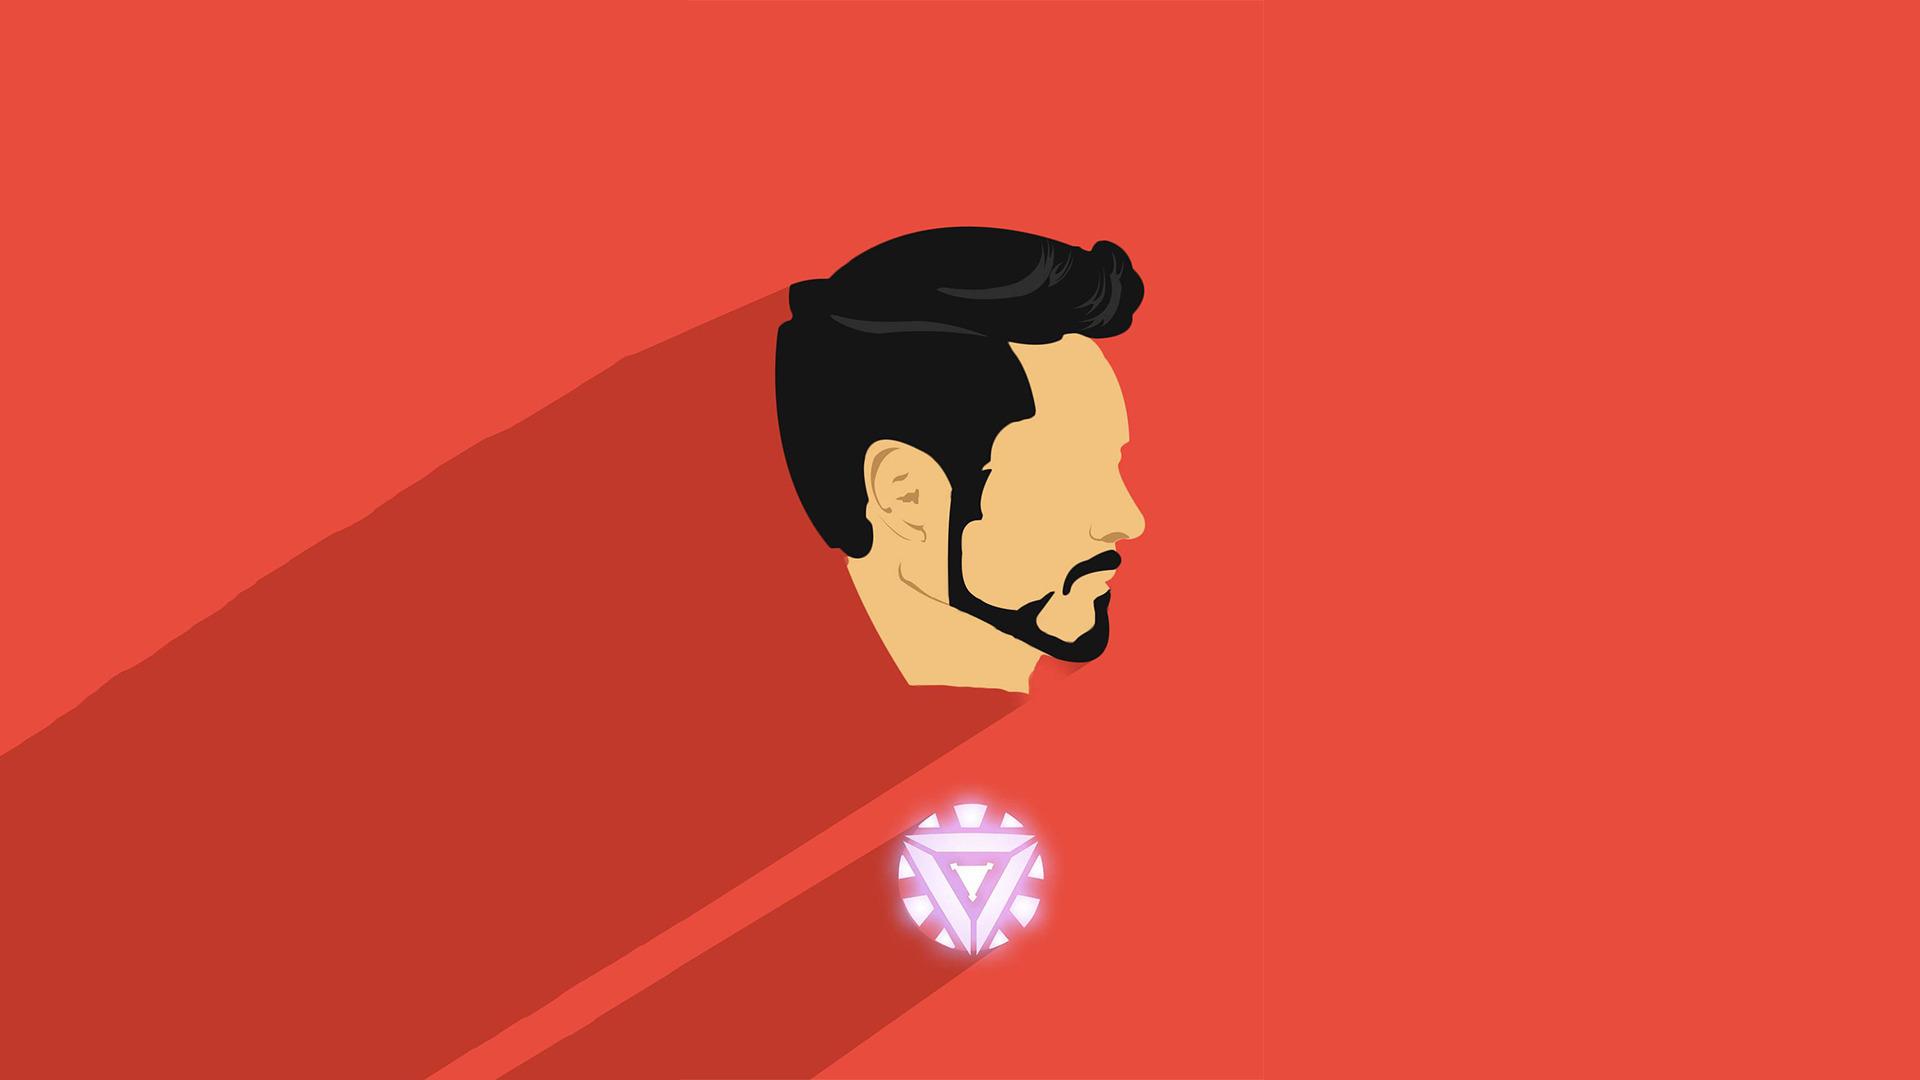 Download 1920x1080 wallpaper iron man artwork minimal - Iron man cartoon download ...